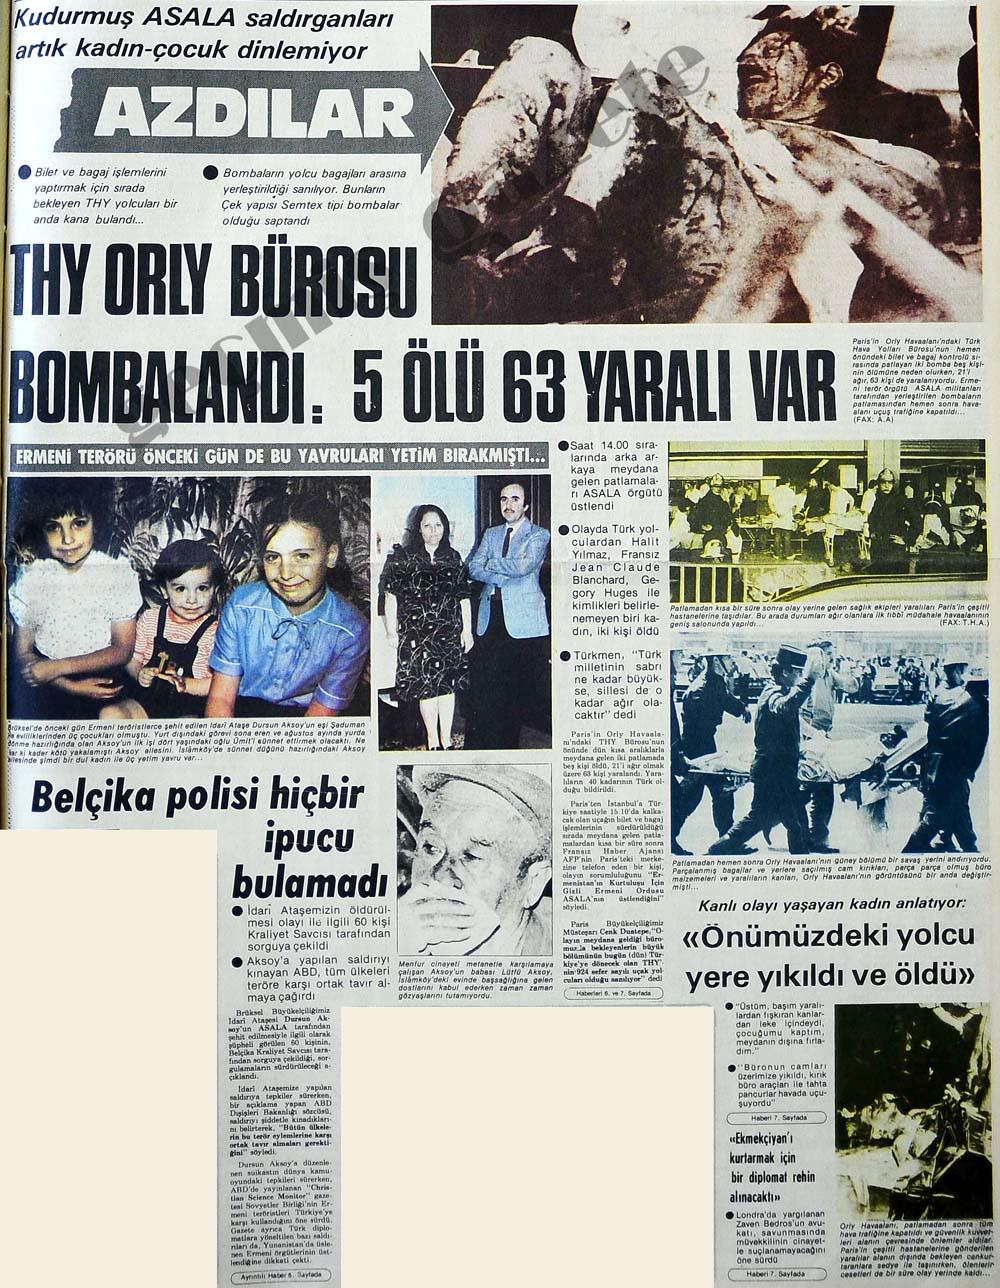 THY Orly Bürosu Bombalandı: 5 ölü 63 yaralı var